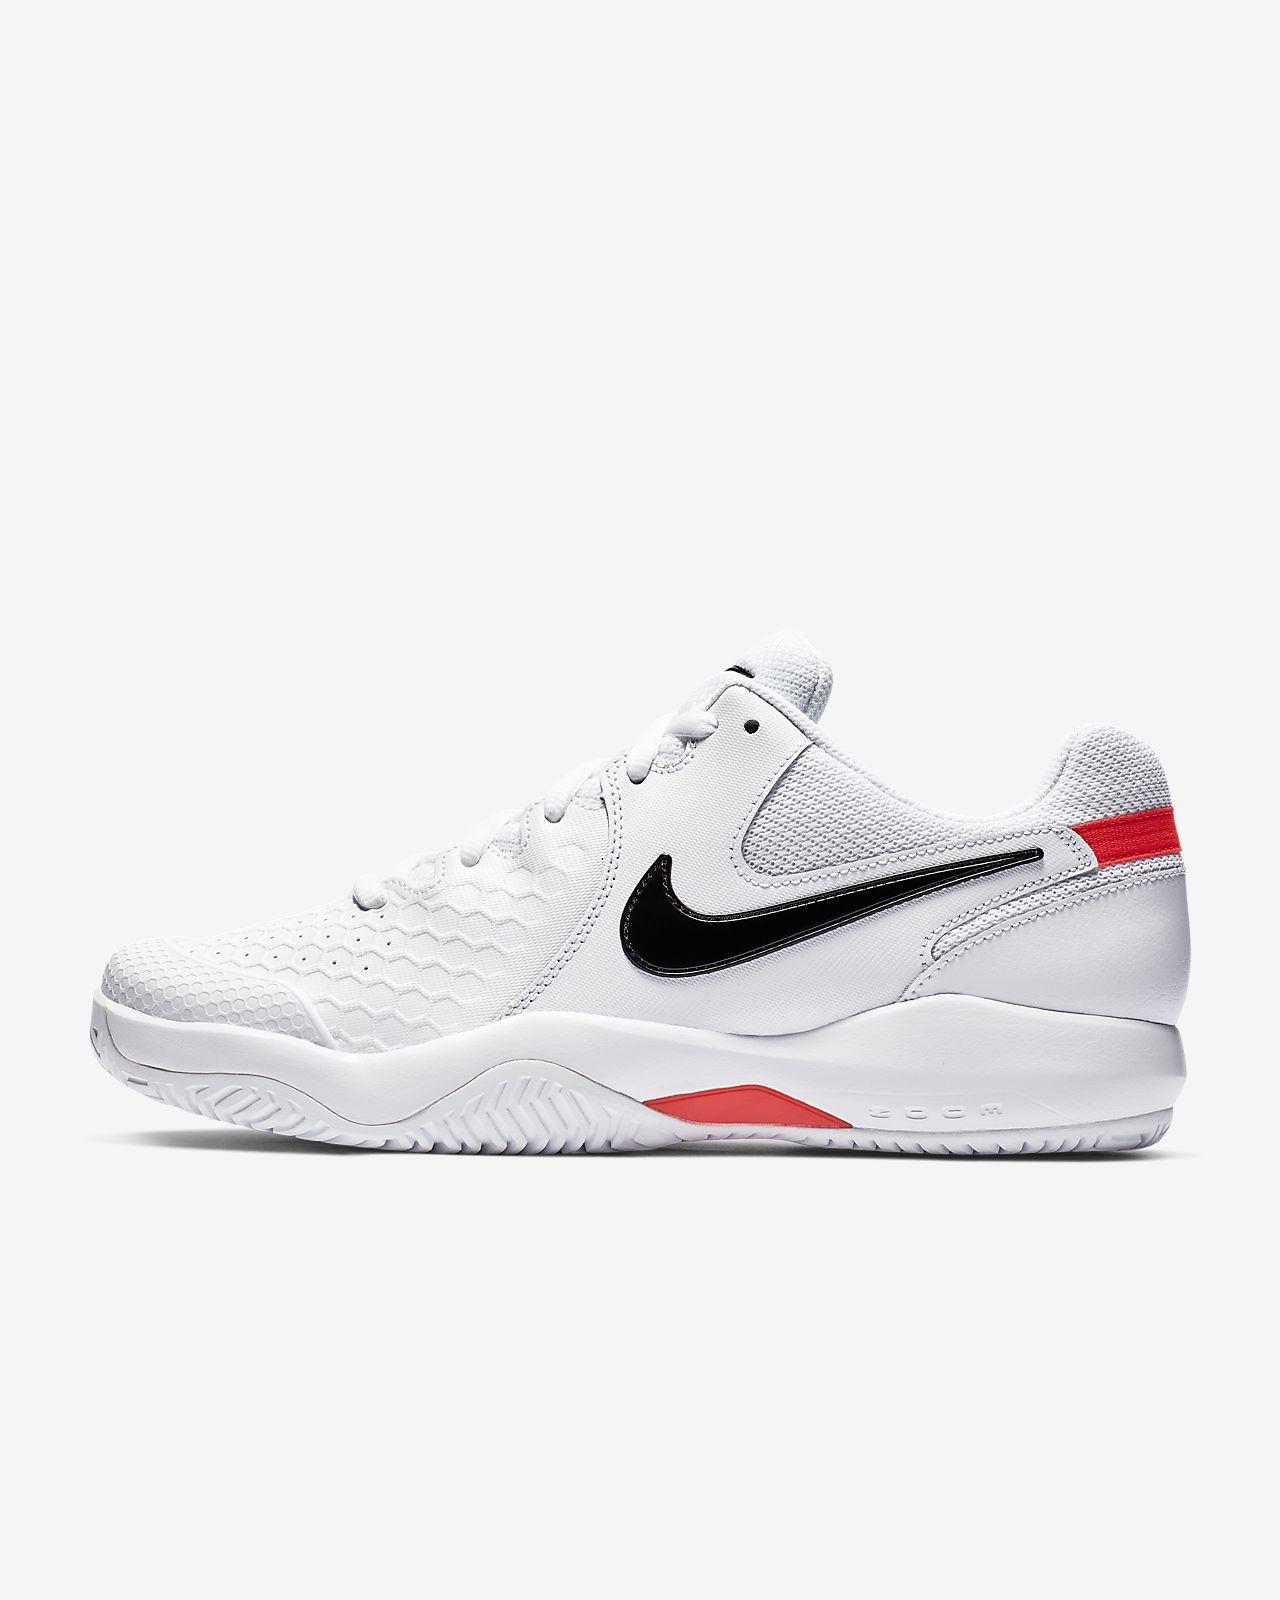 De Dure Surface Air Tennis Chaussure Zoom Nikecourt Pour Resistance 5L34AjRq